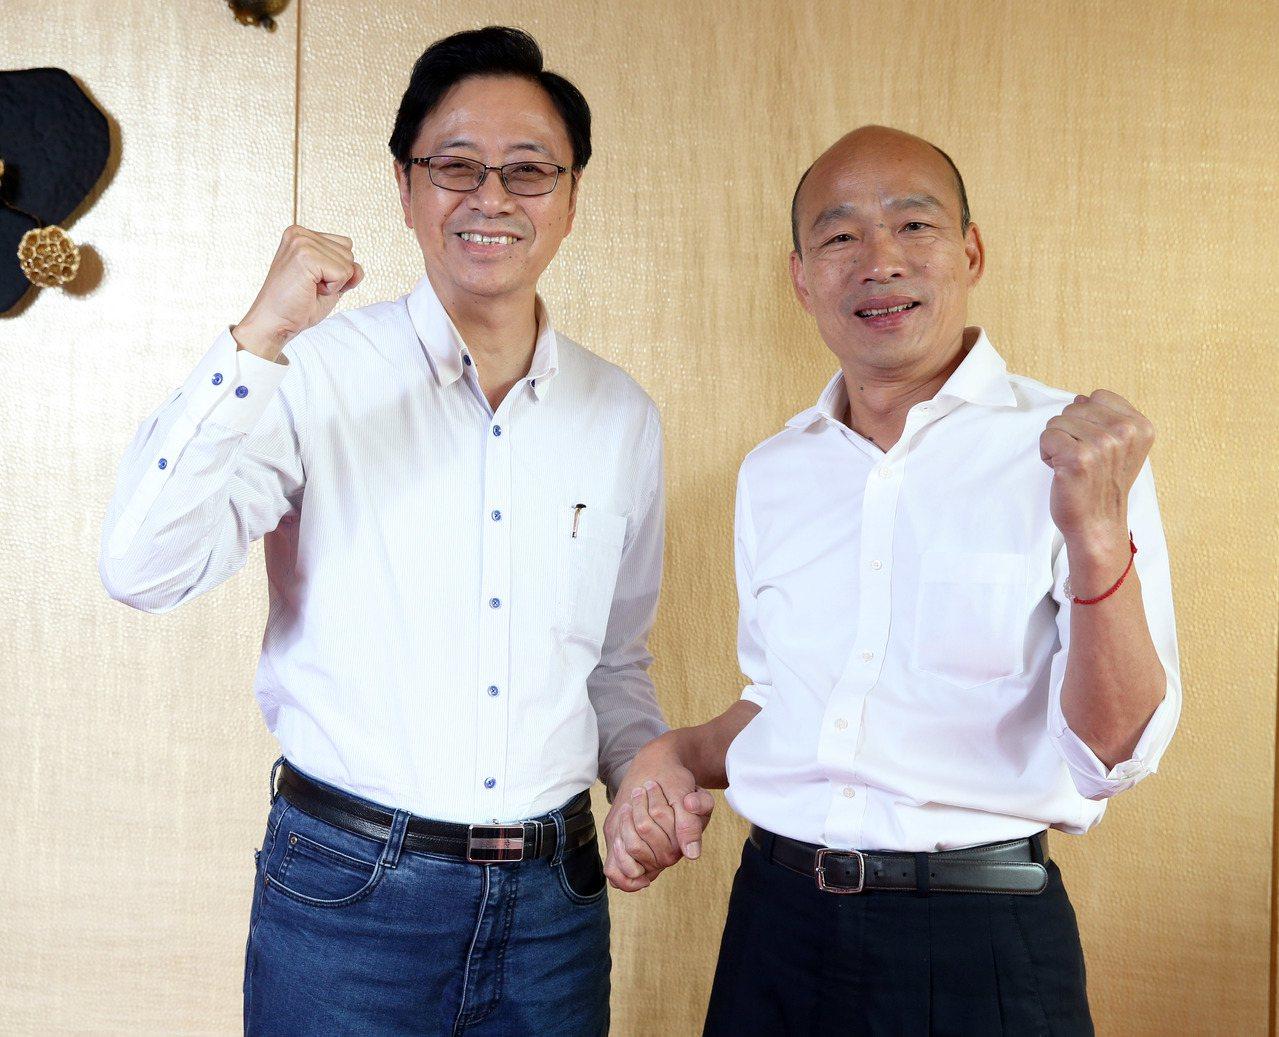 韓國瑜(右)與副手搭檔張善政同心齊力,將分頭合擊迎戰對手。記者劉學聖/攝影